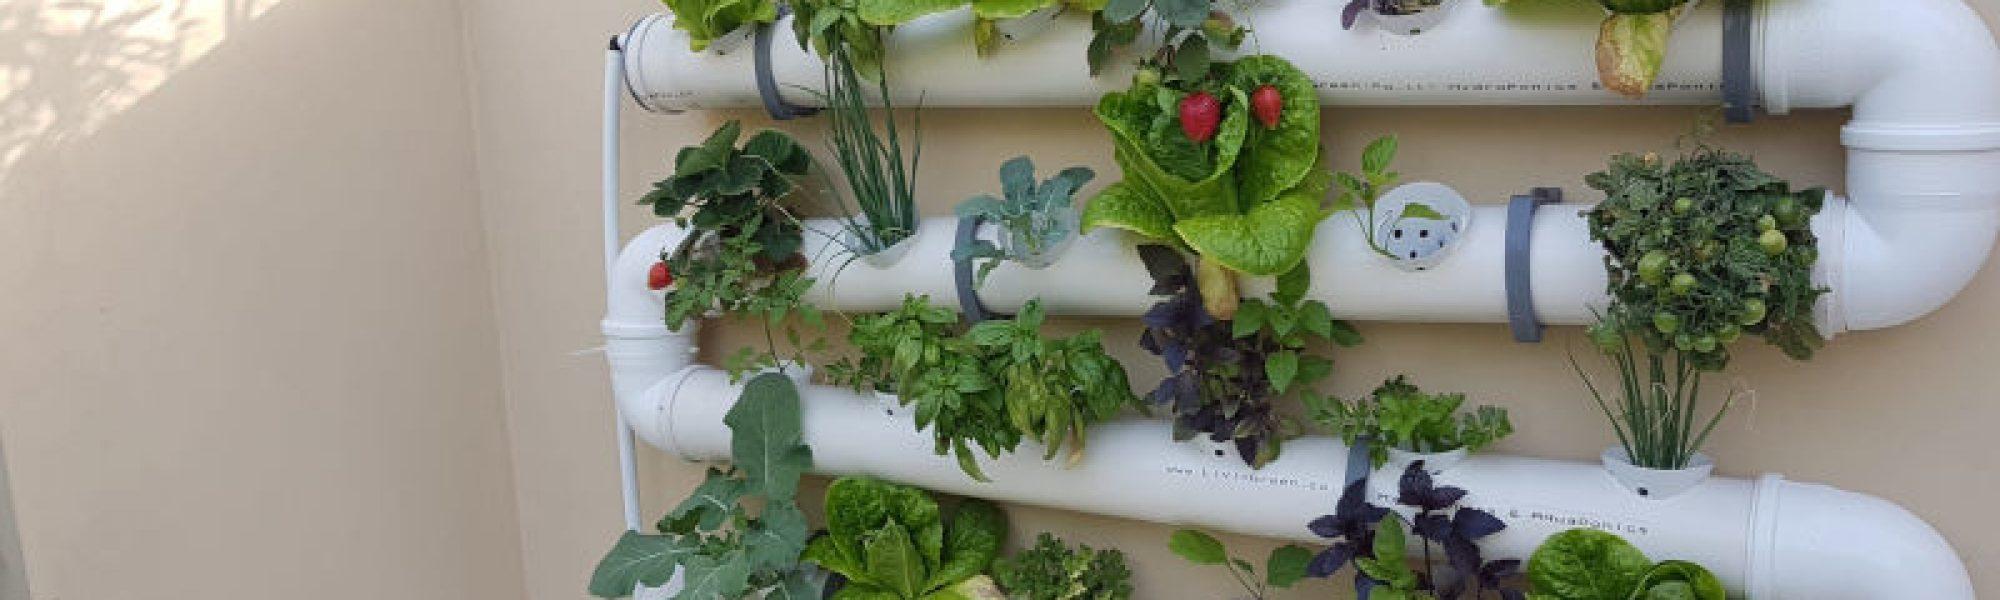 חקלאות ורטיקלית לבית